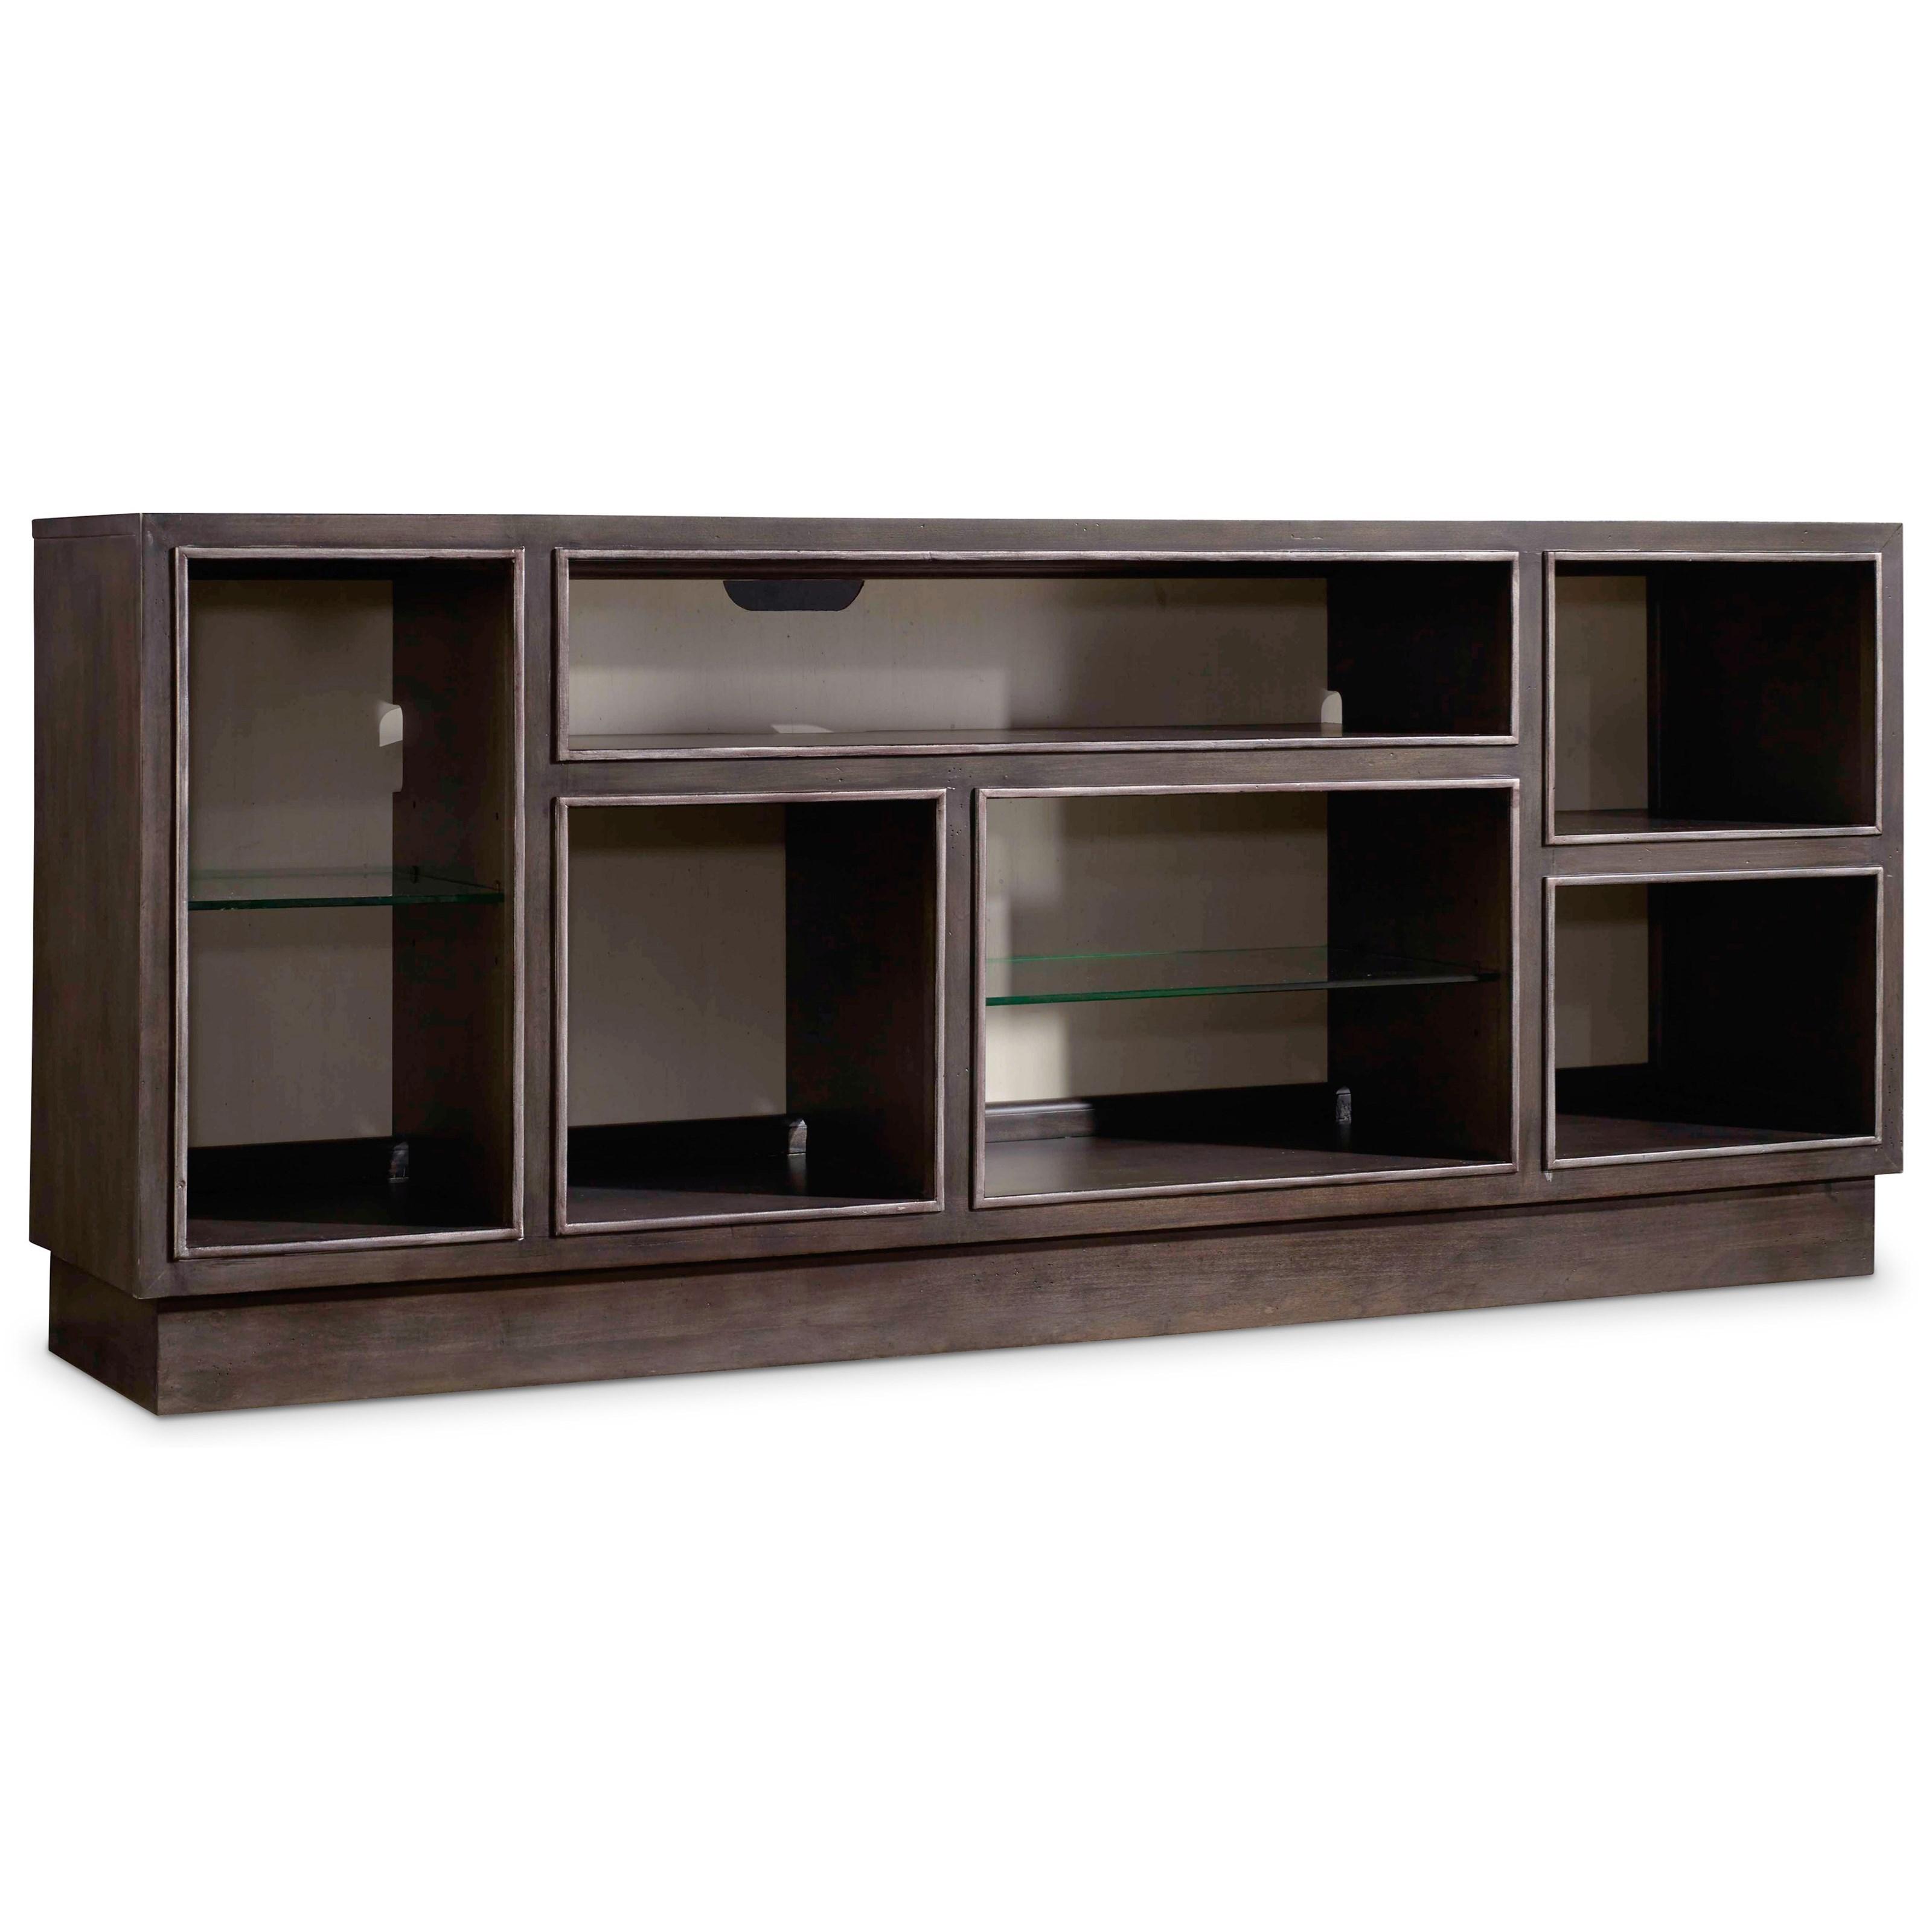 Hooker Furniture Mélange Newell Display Cabinet - Item Number: 638-85237